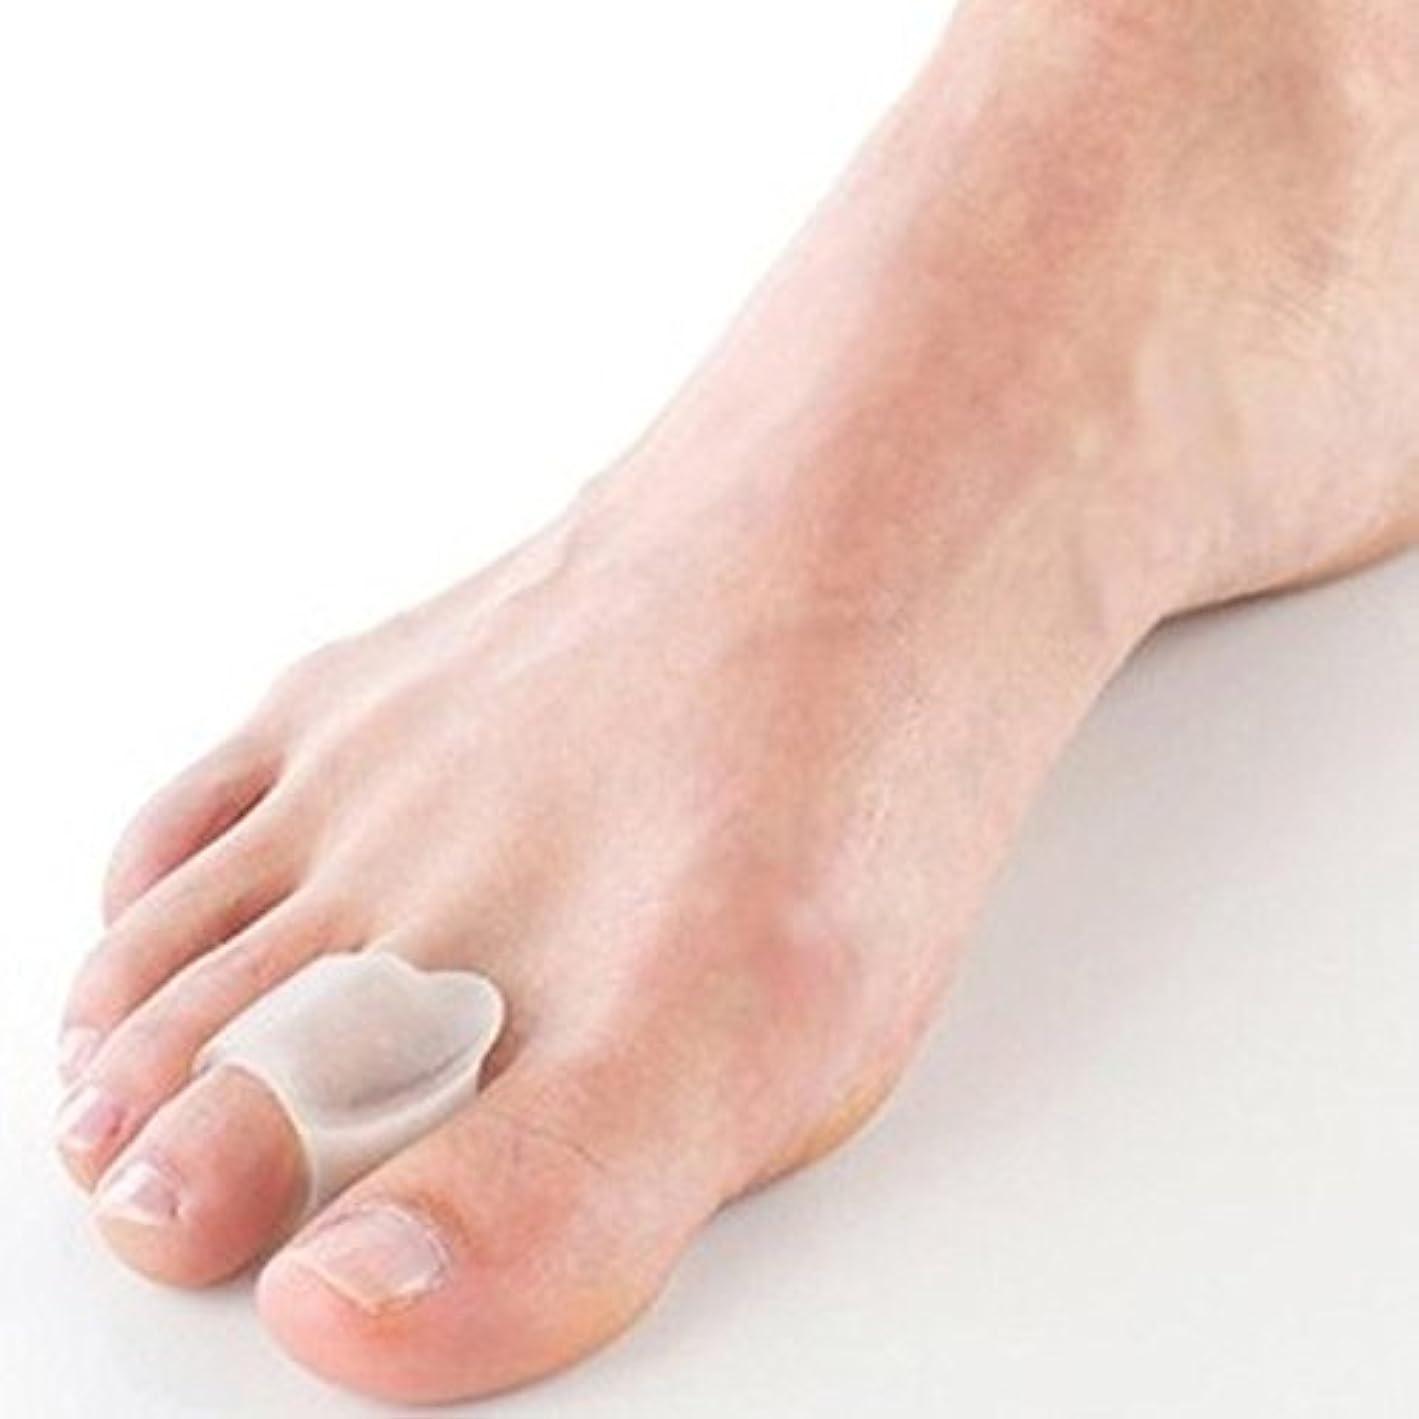 始めるコンピューターゲームをプレイする酸化するLorny(TM) ハイヒール外反母趾の足セパレーター外反ストレイテナーつま先ビートル・クラッシャーのために骨の親指マッサージ器2個のシリコーン足セパレータ